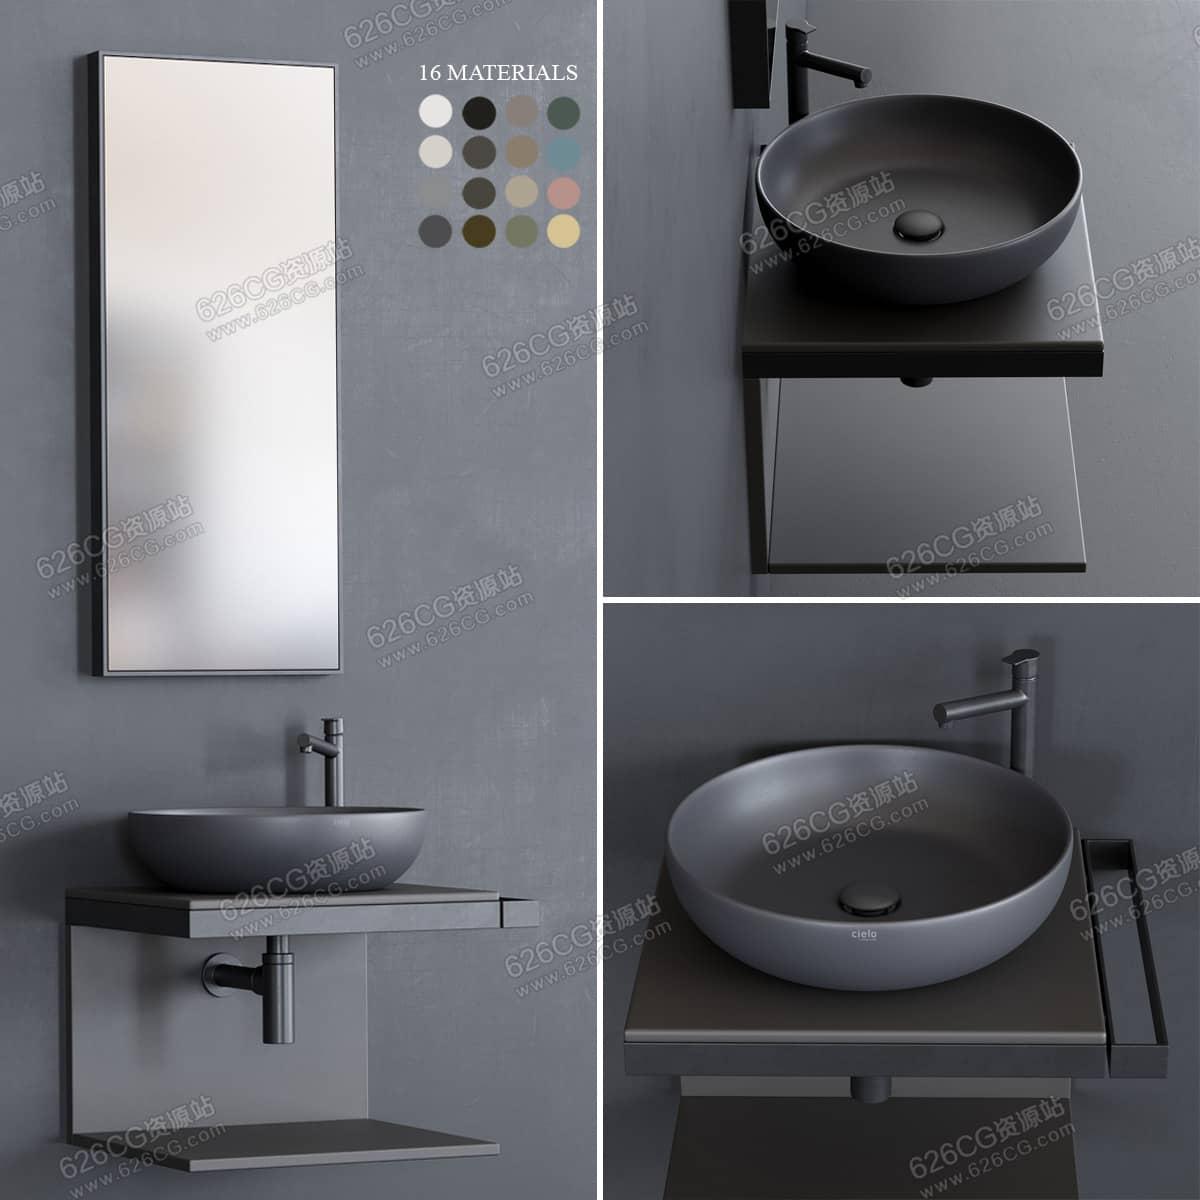 三维模型:卫生间浴室柜洗手盆柜组合简约现代洗漱台化妆镜 626CG资源站